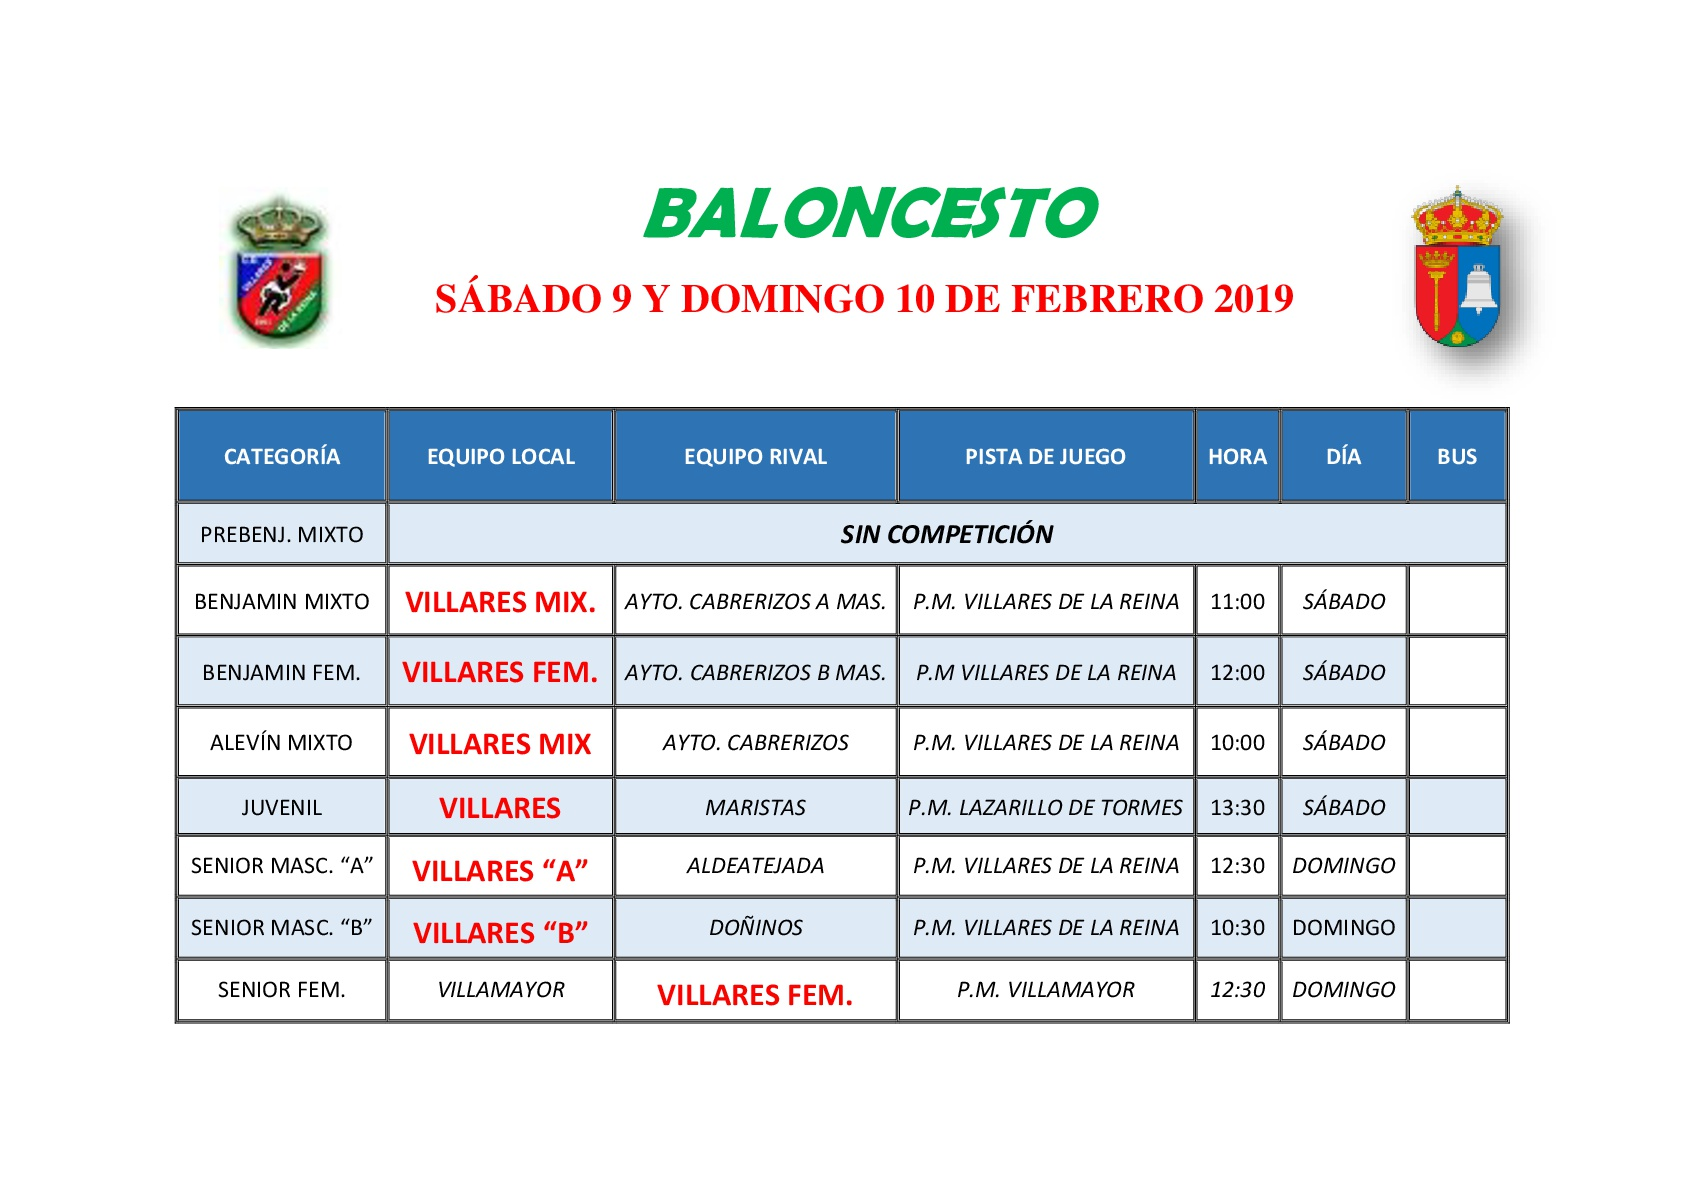 HORARIOS DE BALONCESTO S�BADO 9 Y DOMINGO 10 DE FEBRERO